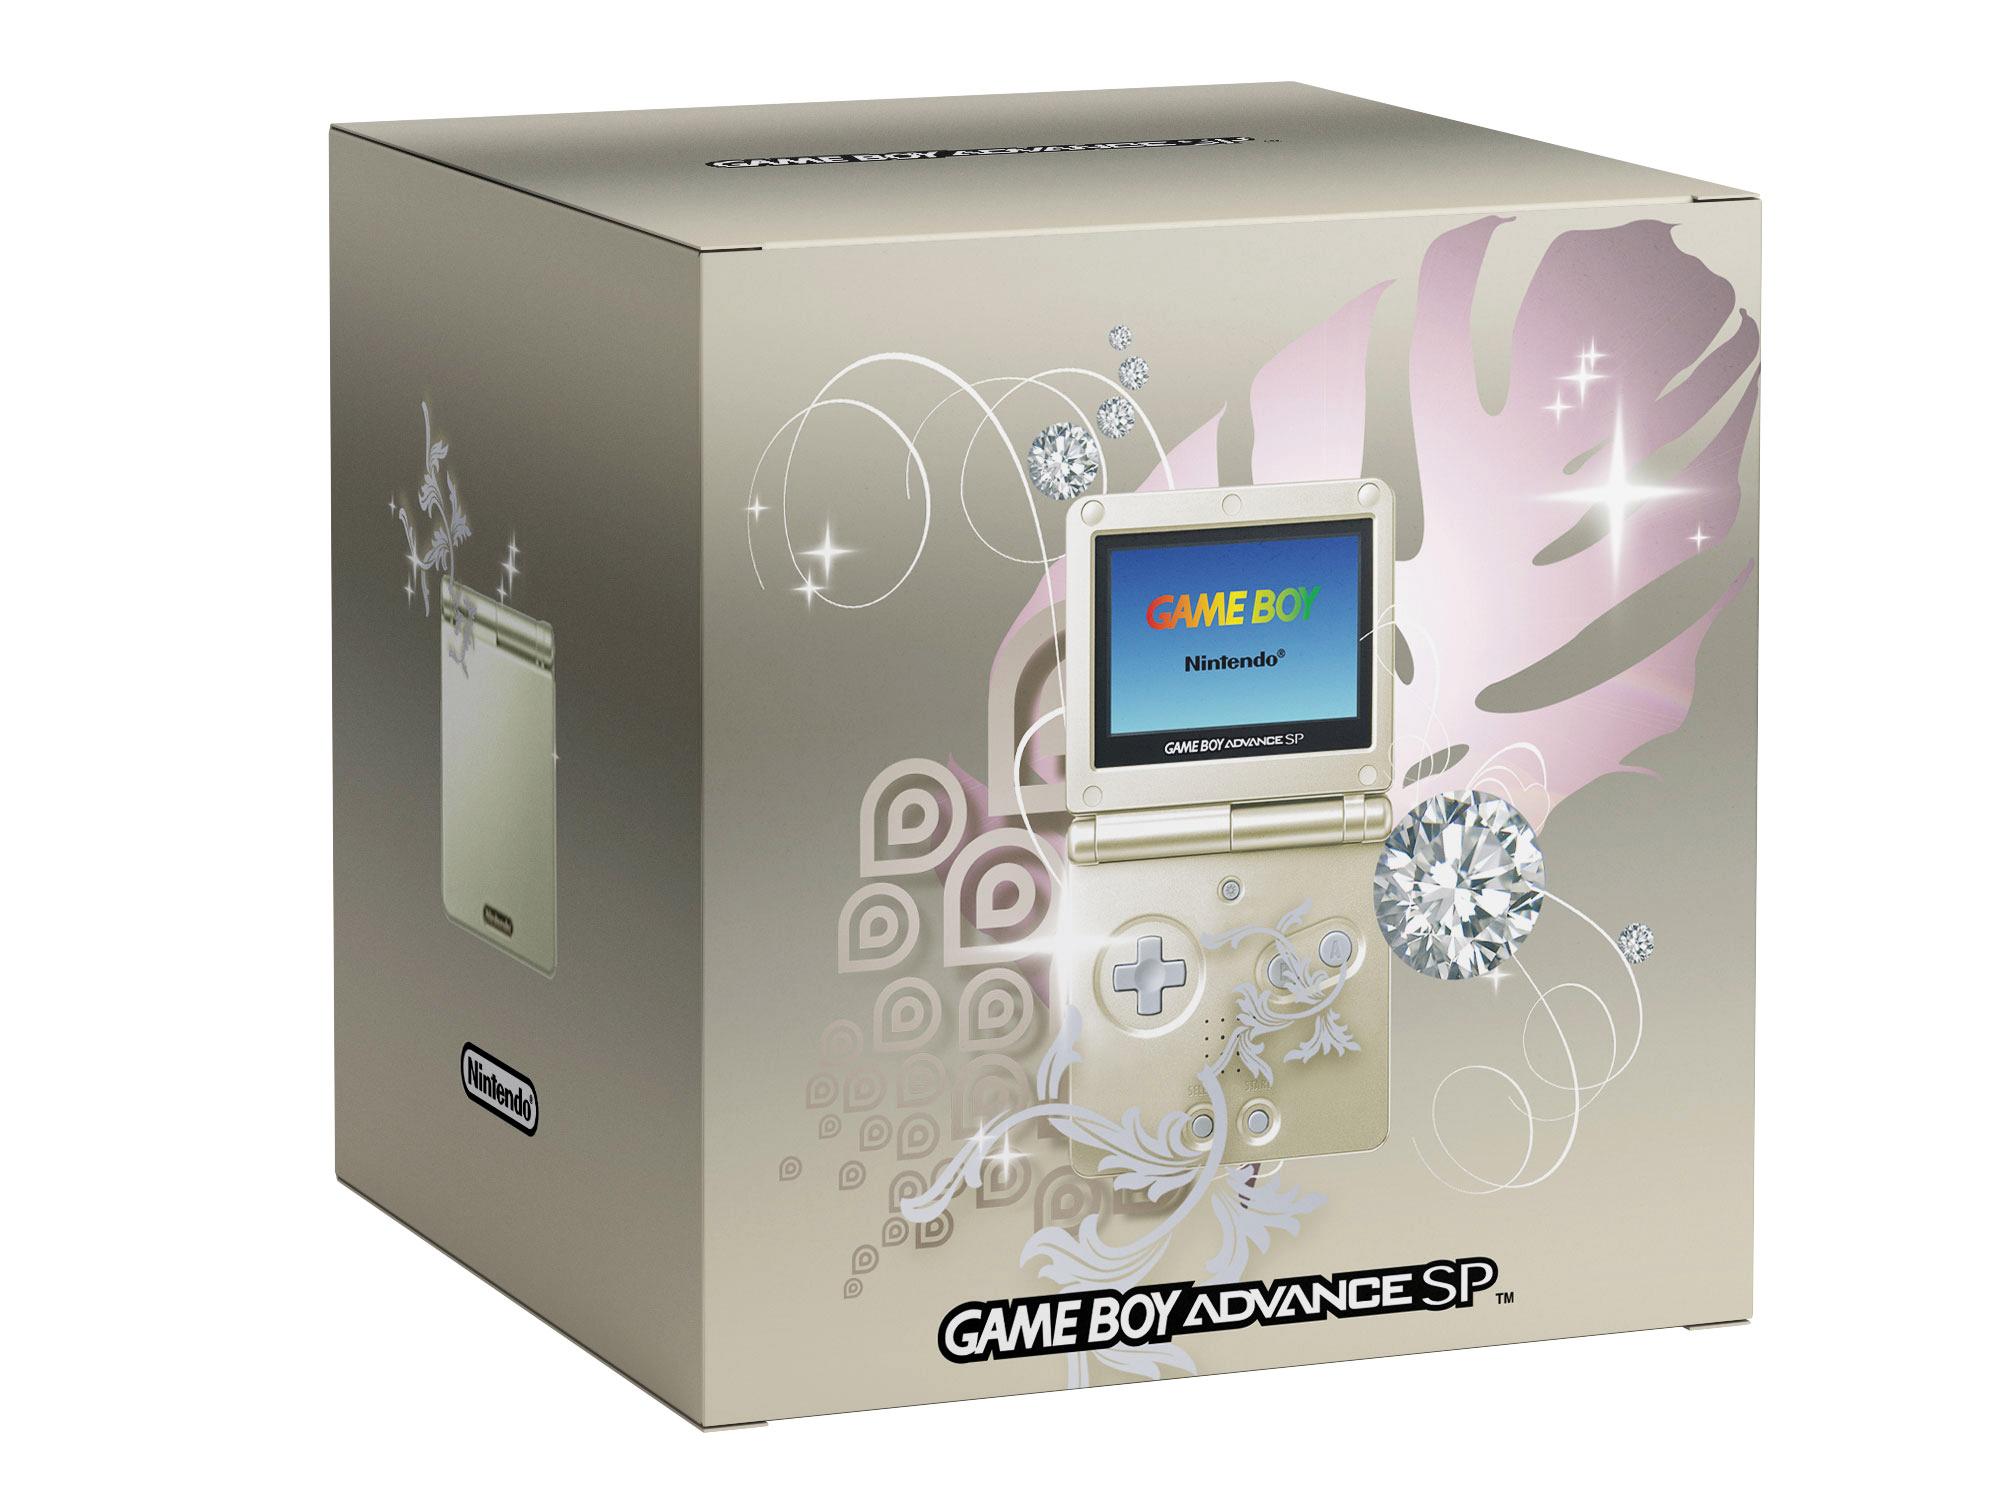 rbtq_Illustration_Seiser_Illustratorin_TVDesign_Nintendo_GoldBox.jpg